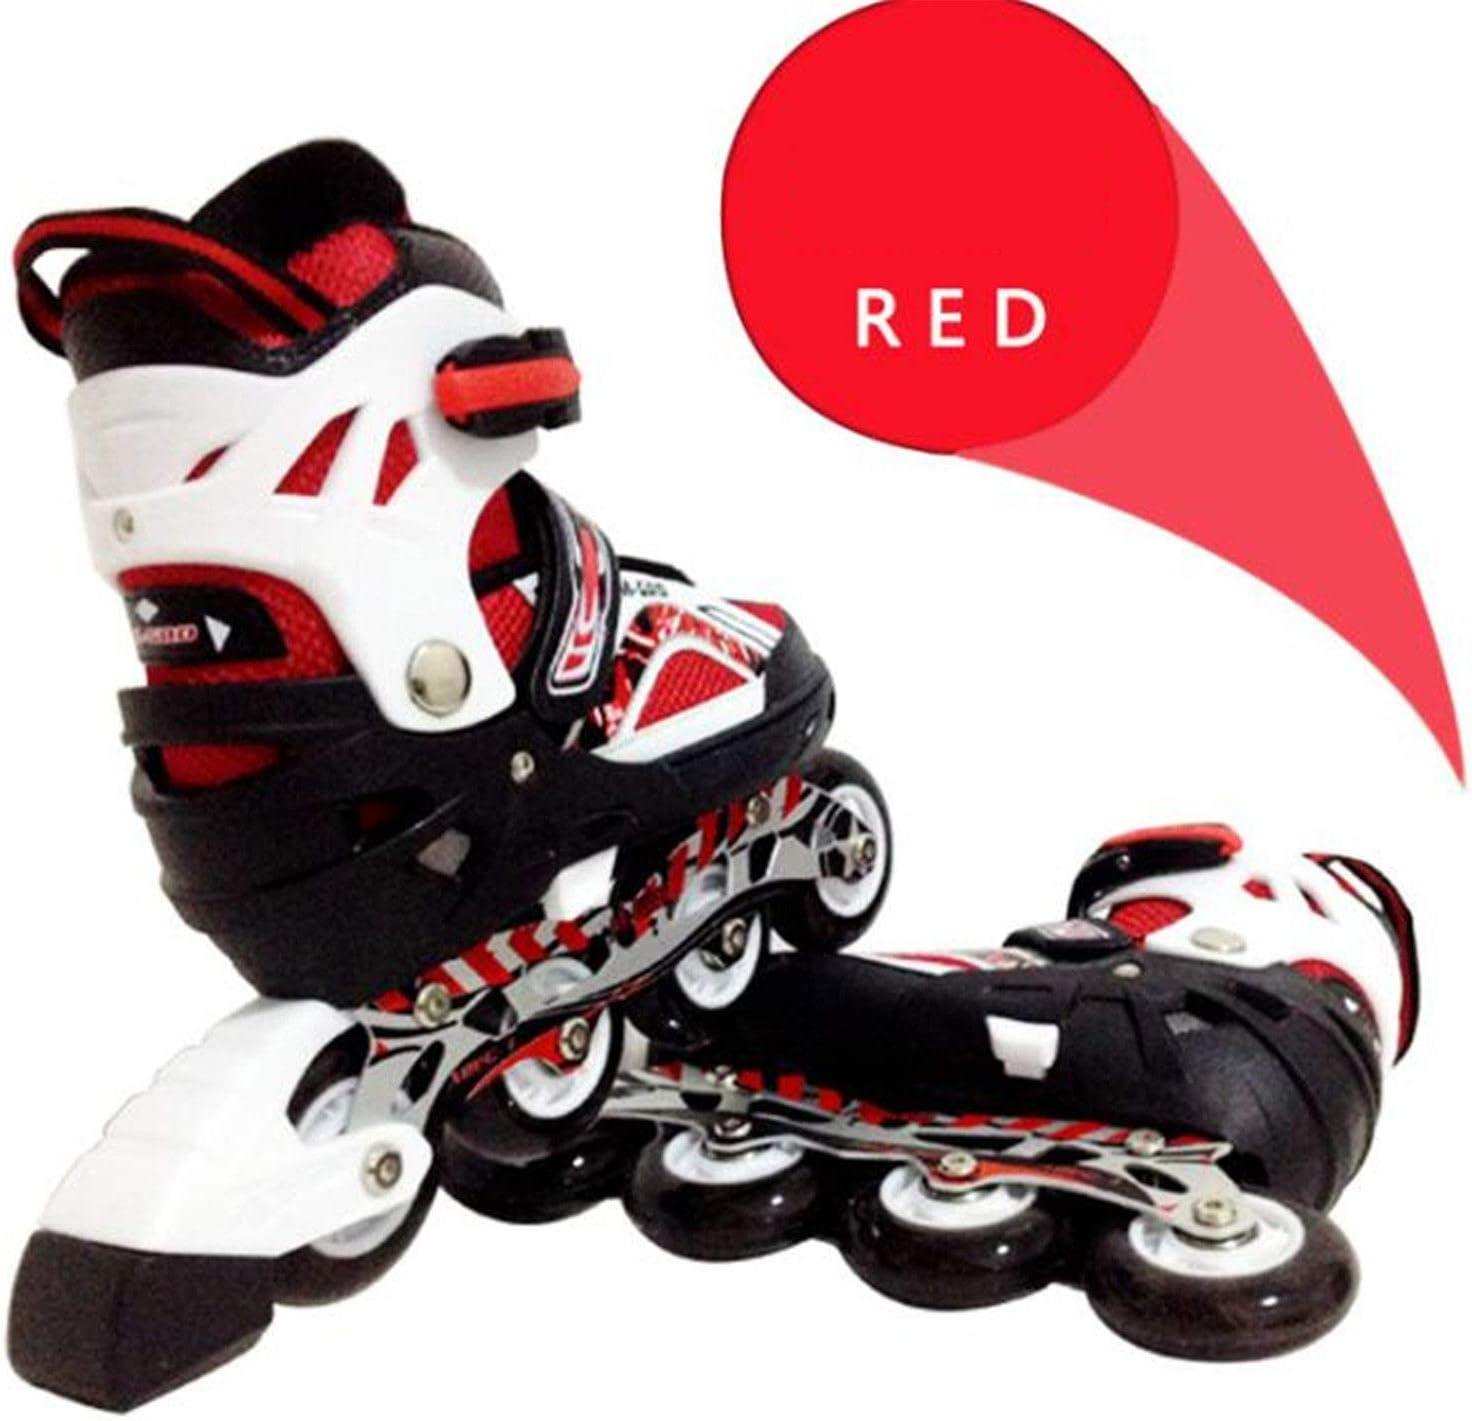 LNYF-OV 大人用 スケート 調節可能 ストレートローラースケート フラッシュホイール 大学生 ライディングトイ レッド Medium